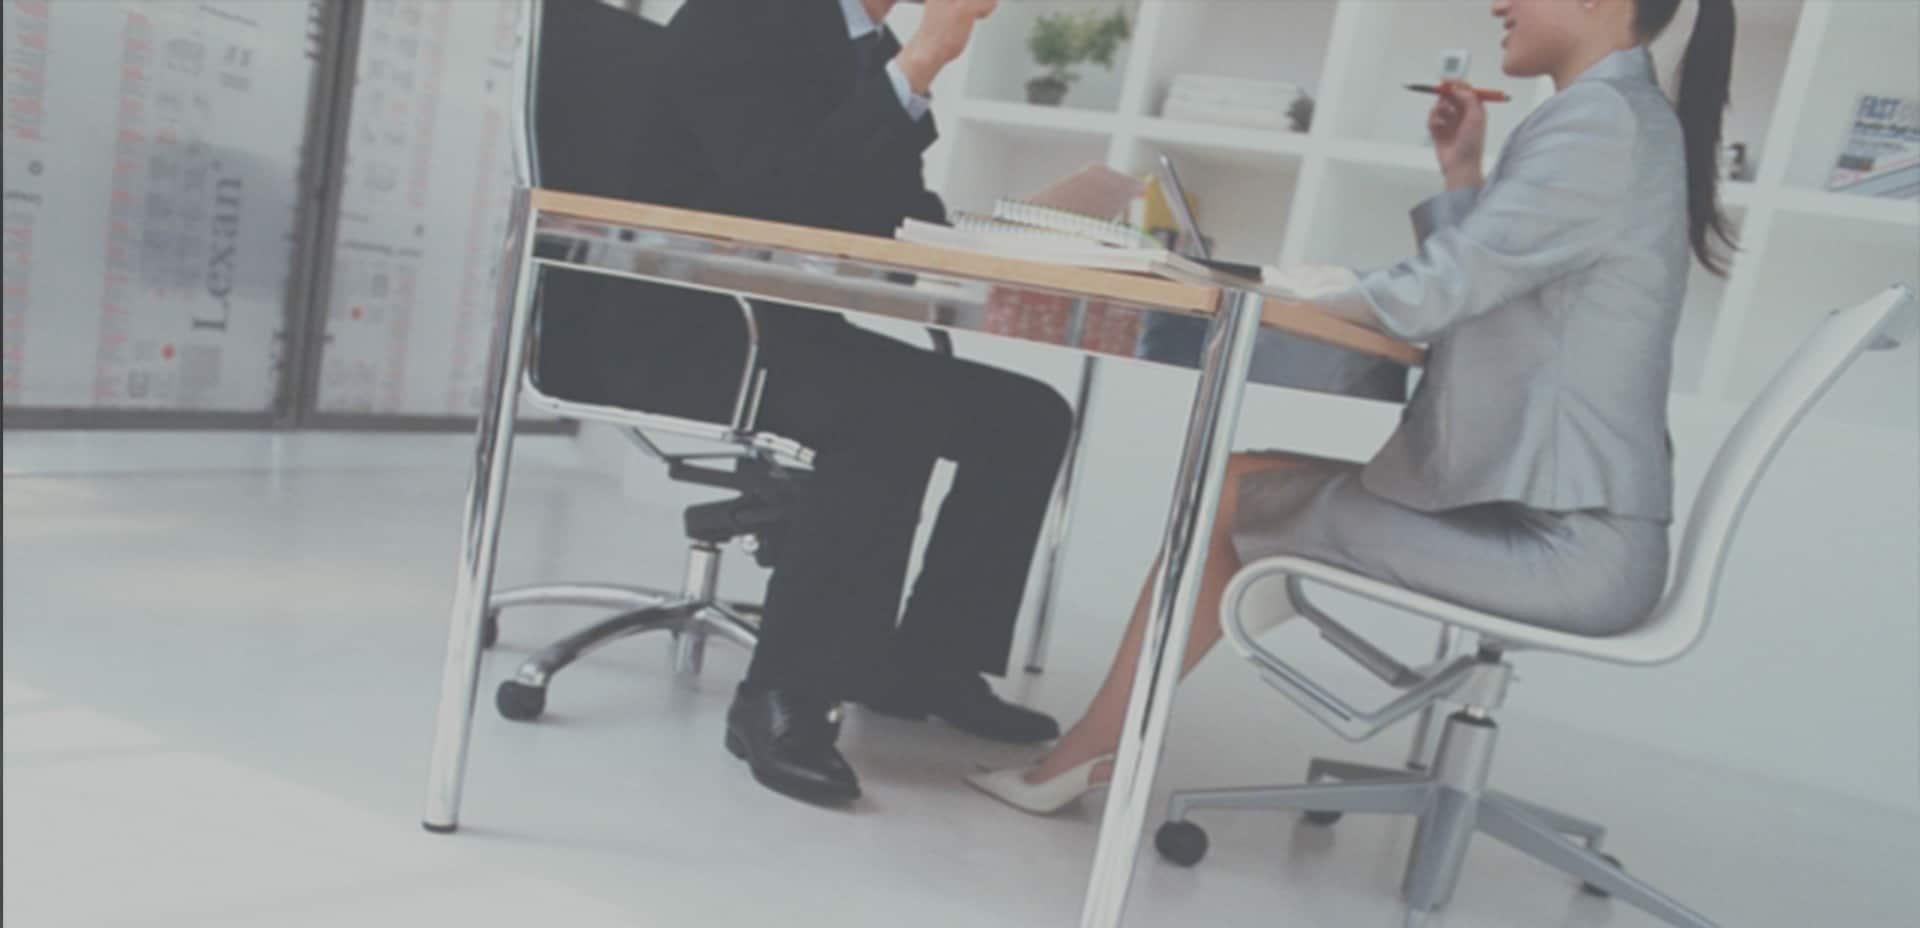 ¿Cómo una Asistente Virtual de bienes raíces puede ayudar a un profesional de bienes raíces?